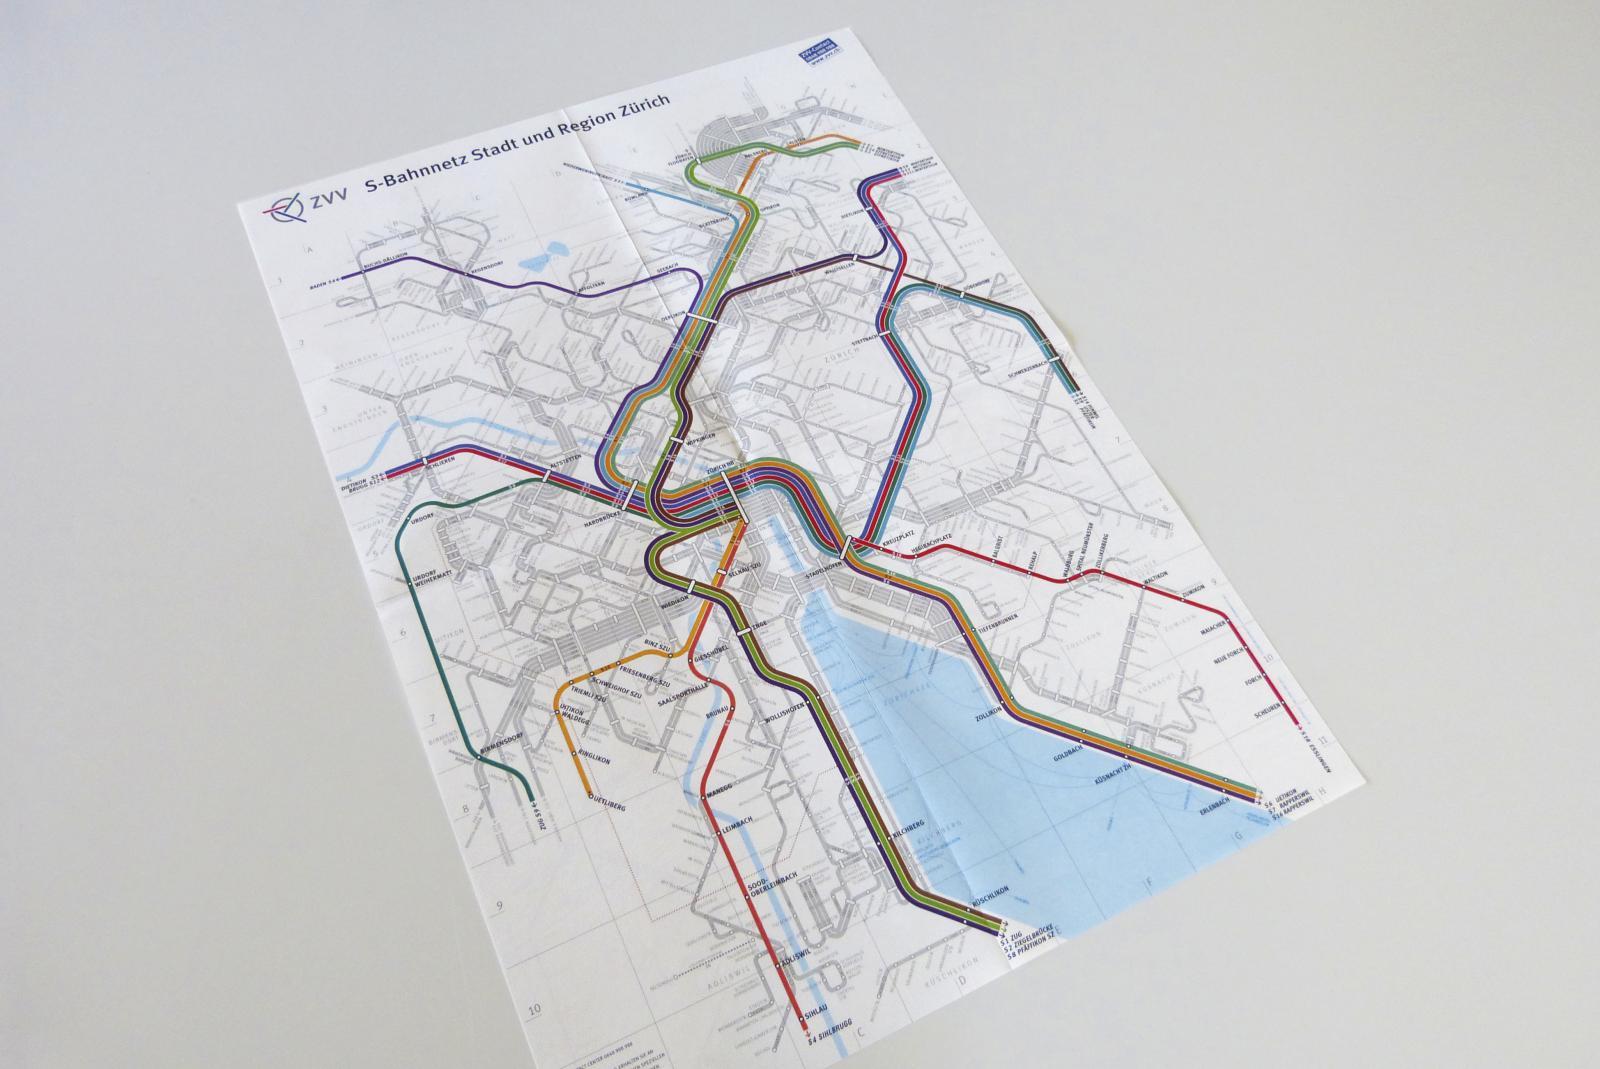 In den ersten Jahren gab es auch einen S-Bahnplan, im Hintergrund den Liniennetzplan einfarbig grau als Orientierungshilfe